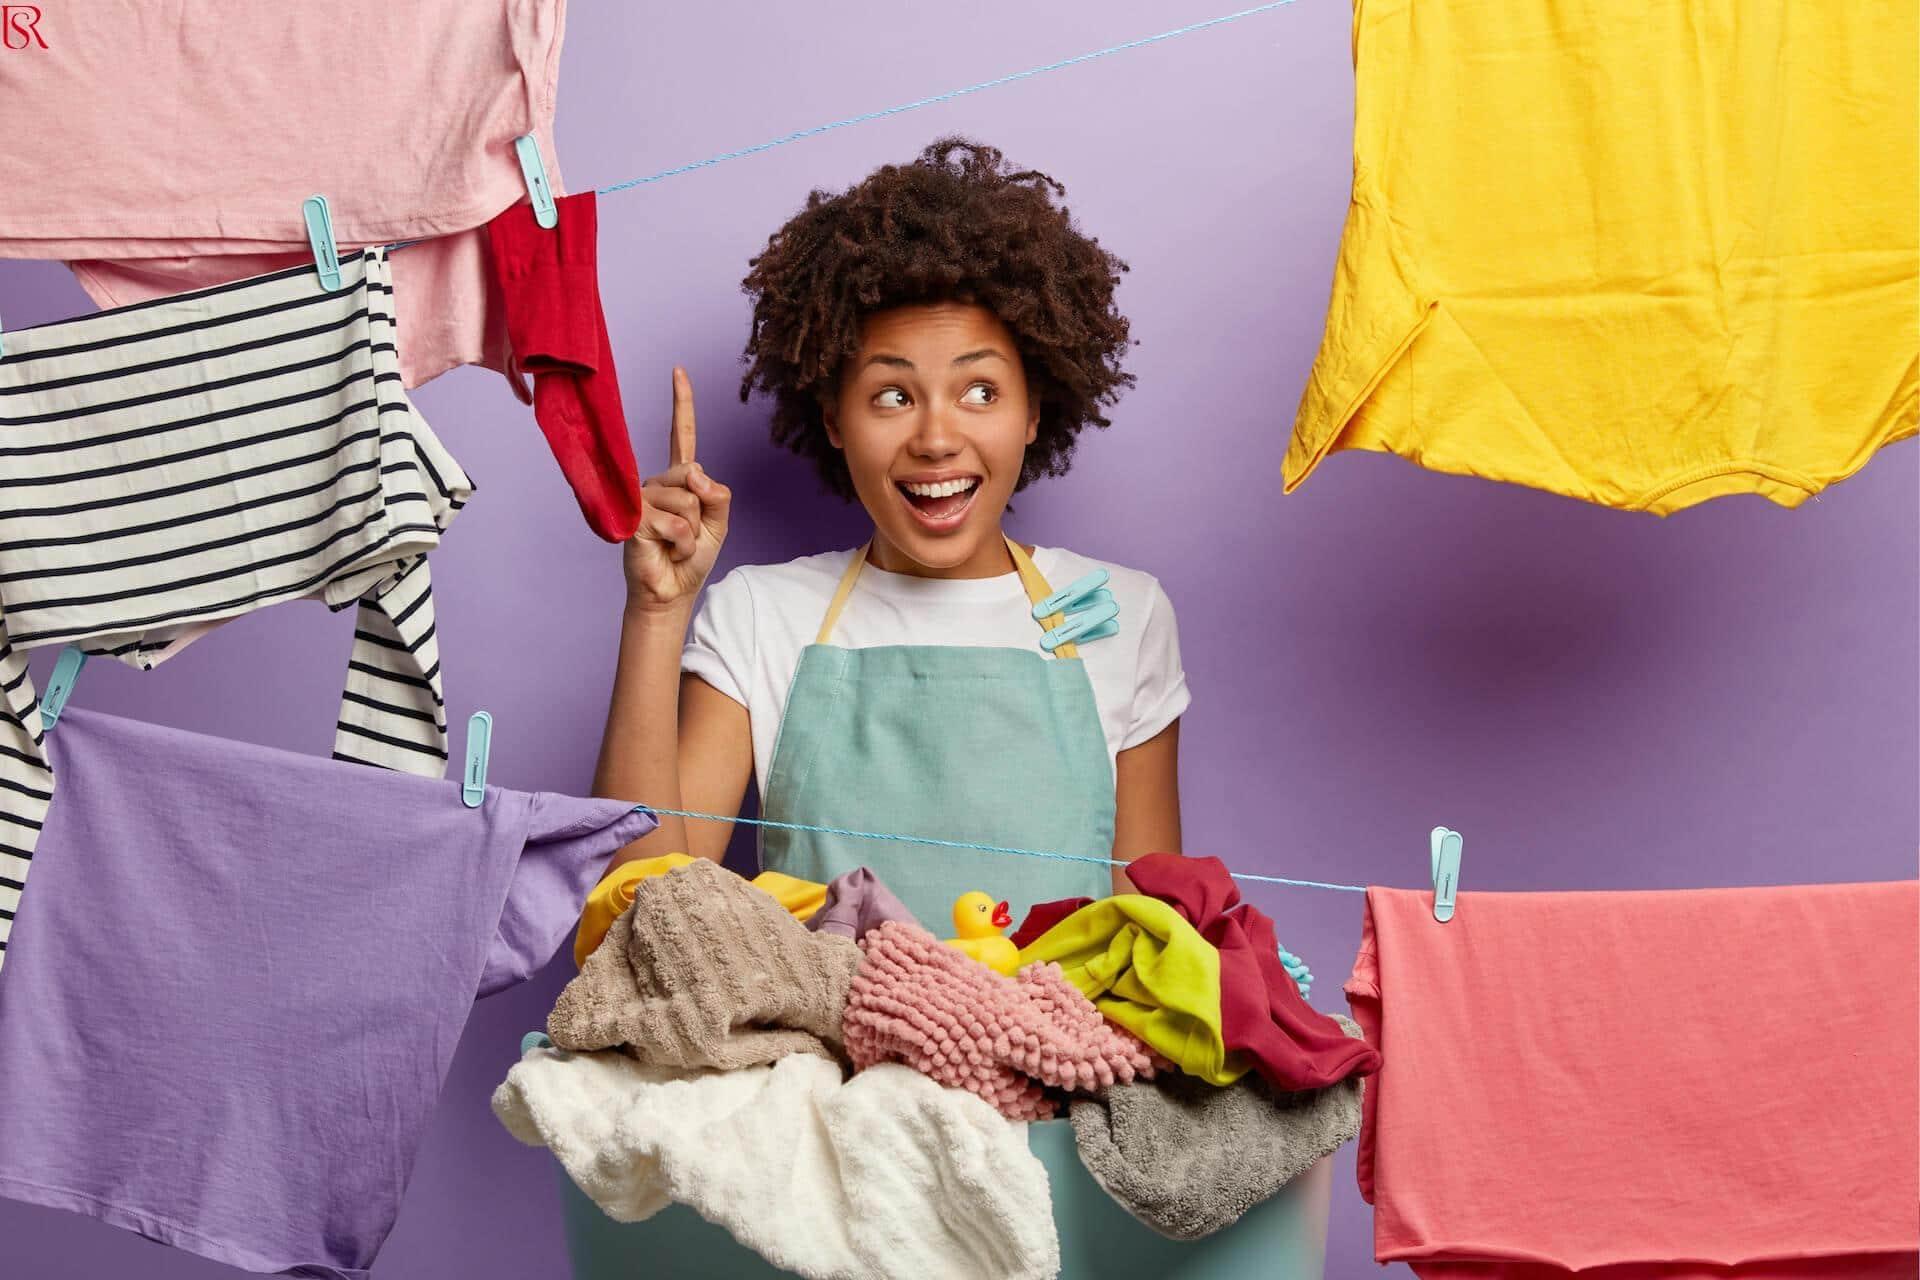 كيف تجهز منزلك من أجل خدمة تنظيف احترافية؟